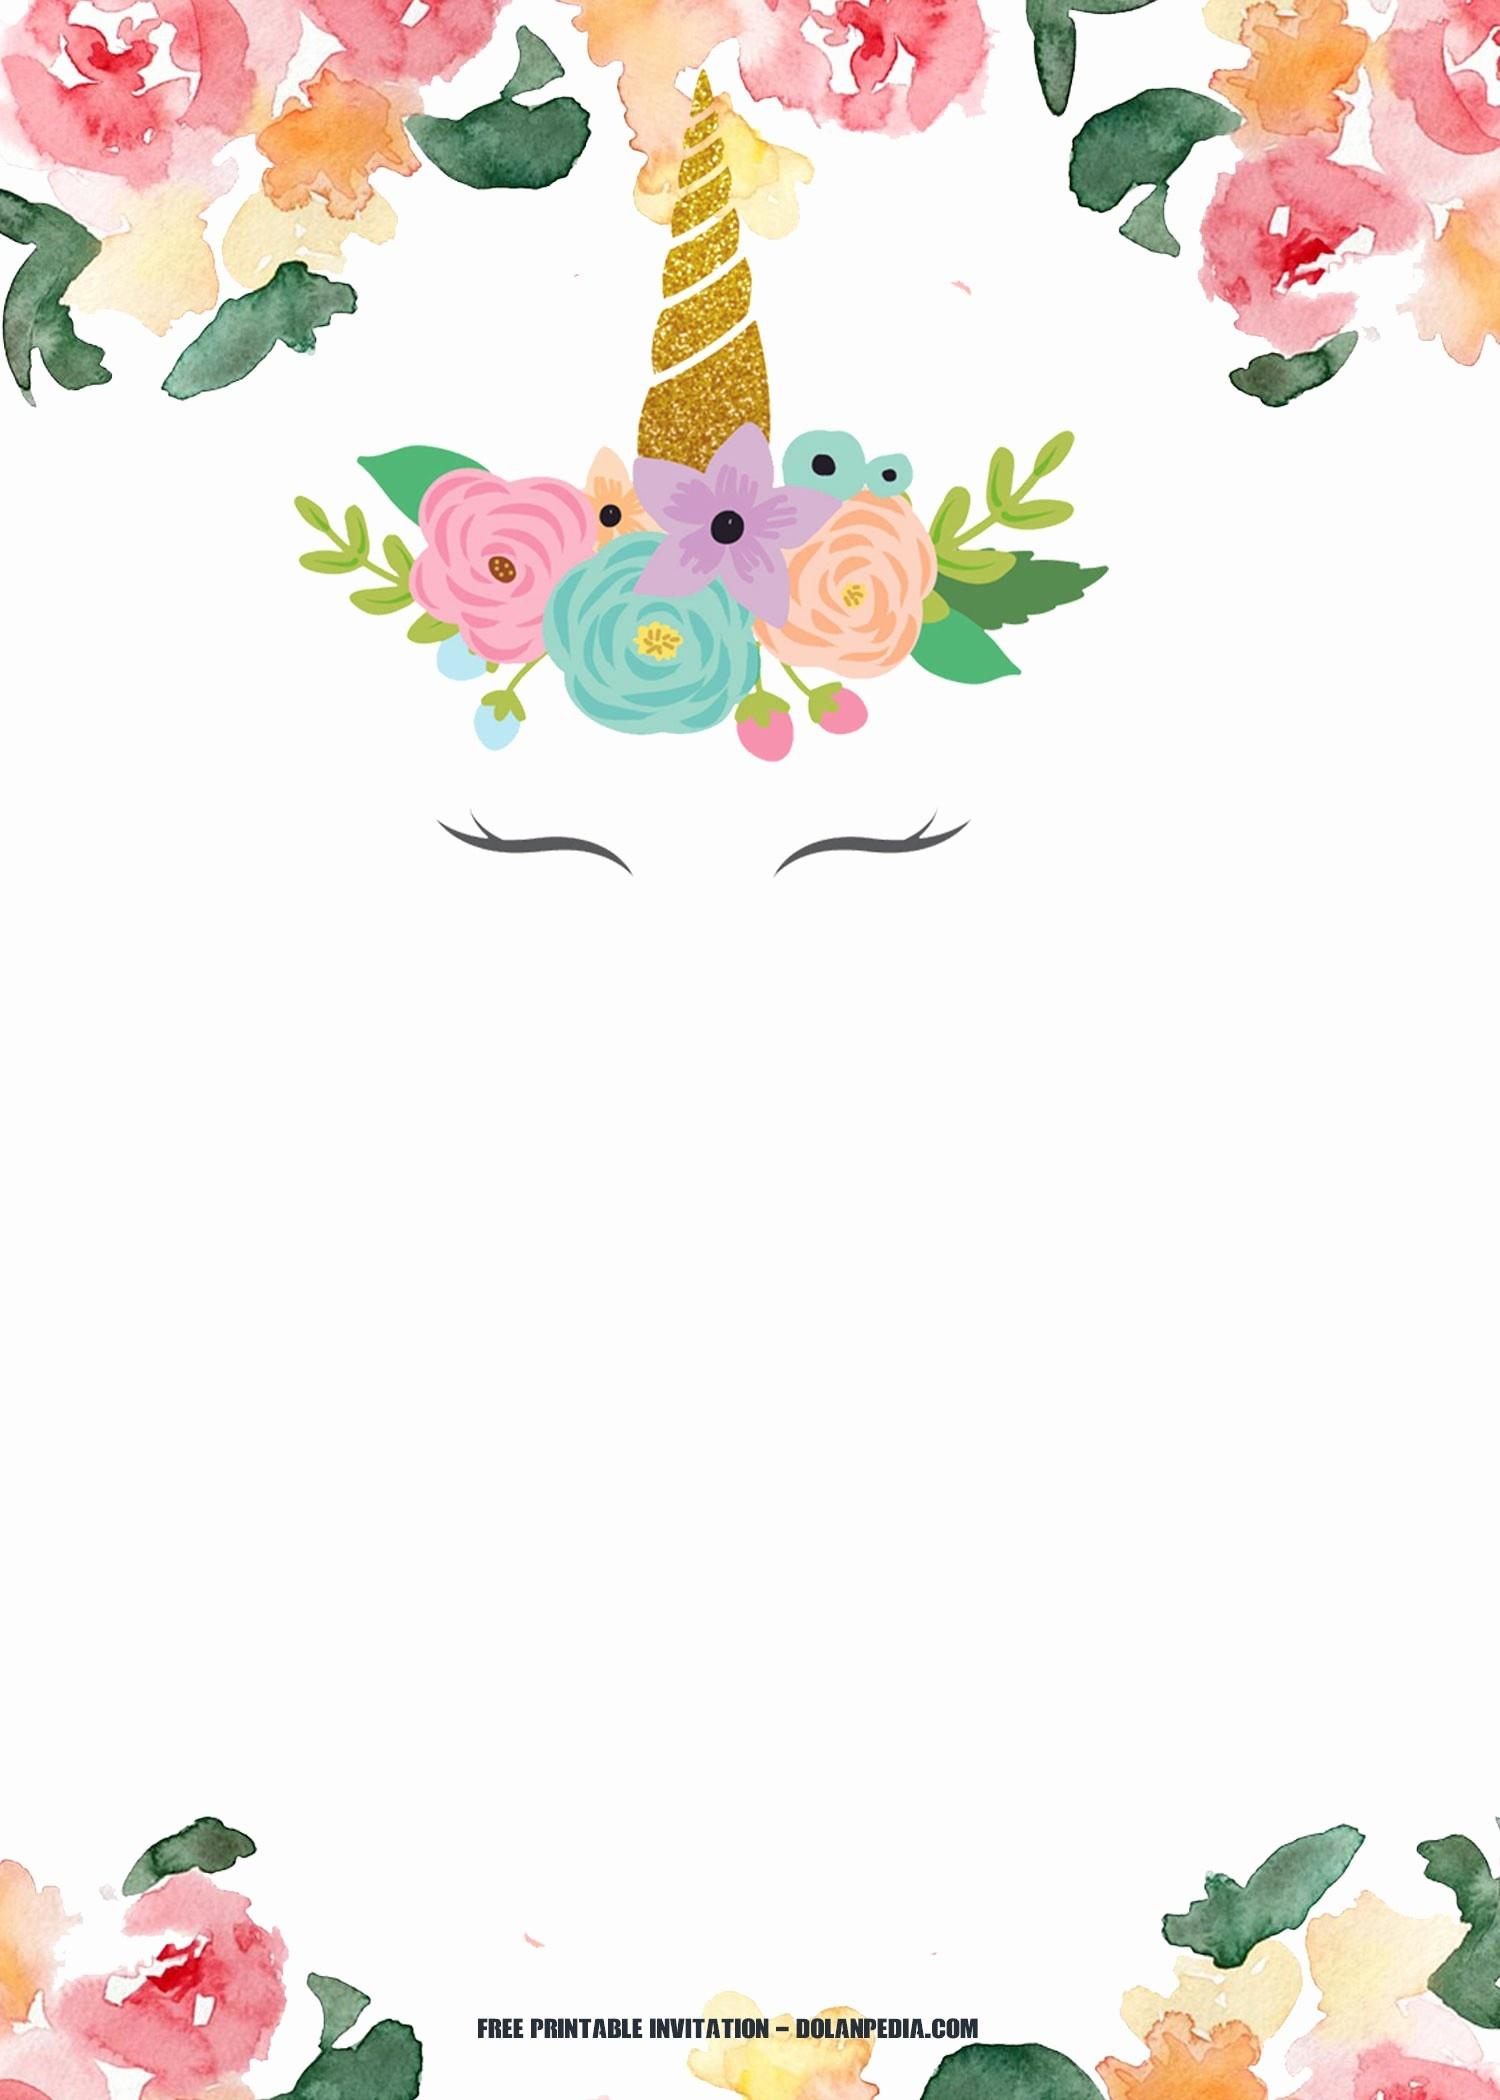 50 Free Party Invitation Templates | Culturatti - Free Printable Invitation Templates